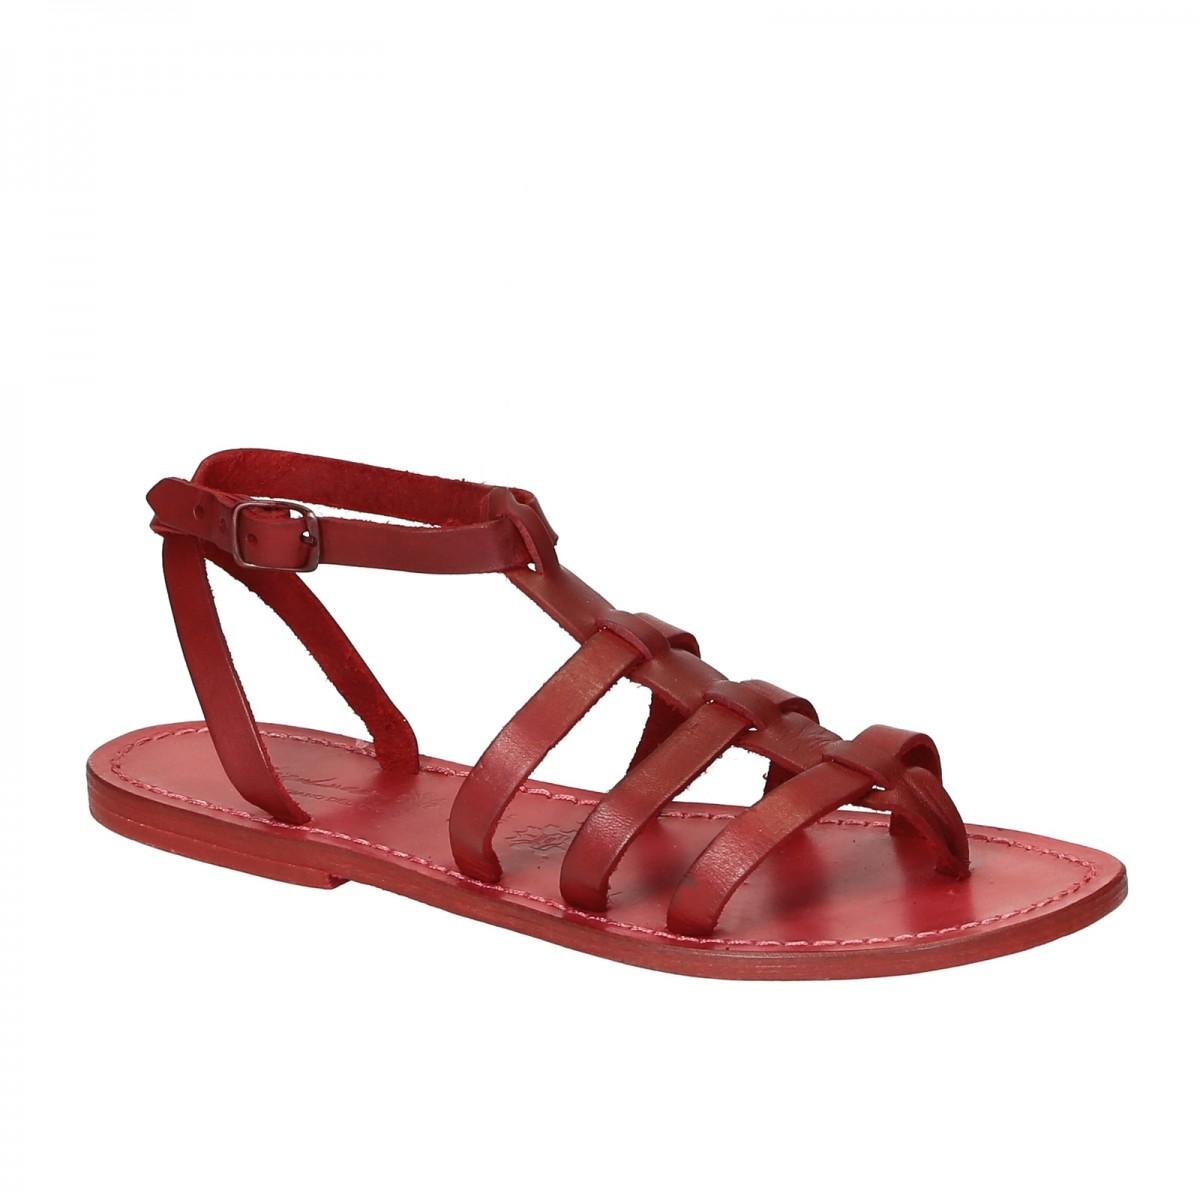 rote leder sandalen damen im gladiator stil in italien von handgefertigt gianluca das leder. Black Bedroom Furniture Sets. Home Design Ideas